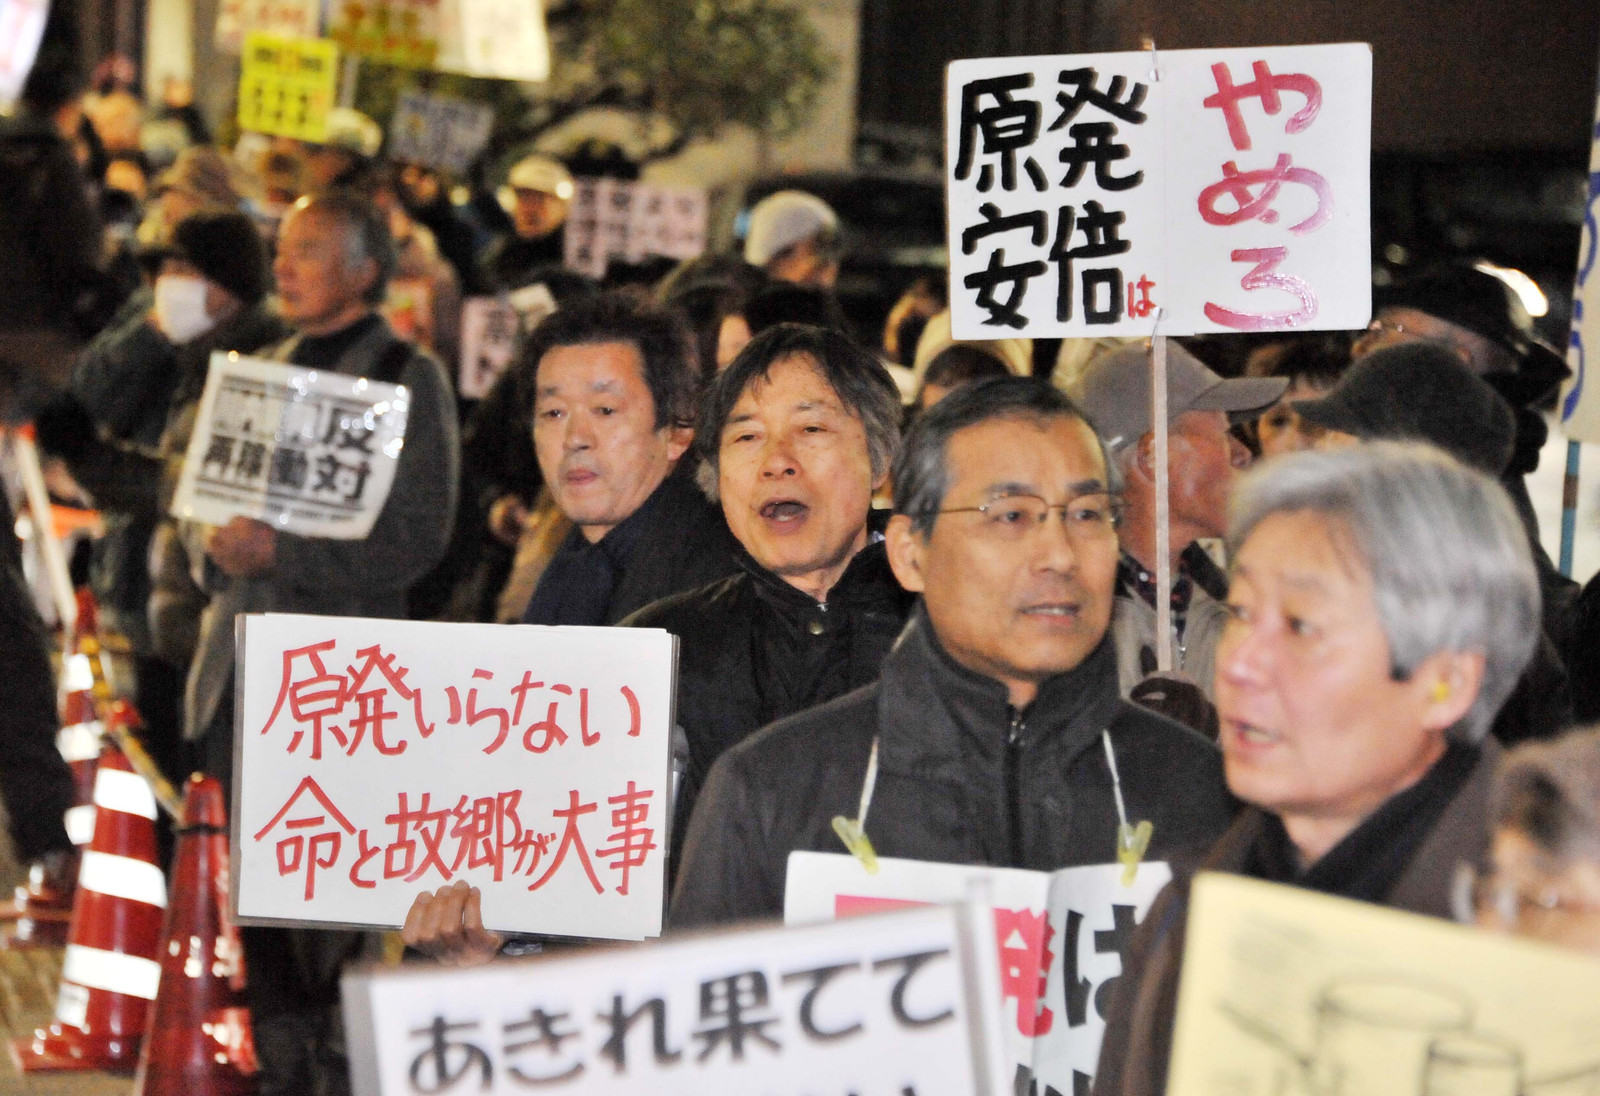 「川内・高浜原発再稼働反対」「原発なくせ」と声をあげる人たち=20日、首相官邸前